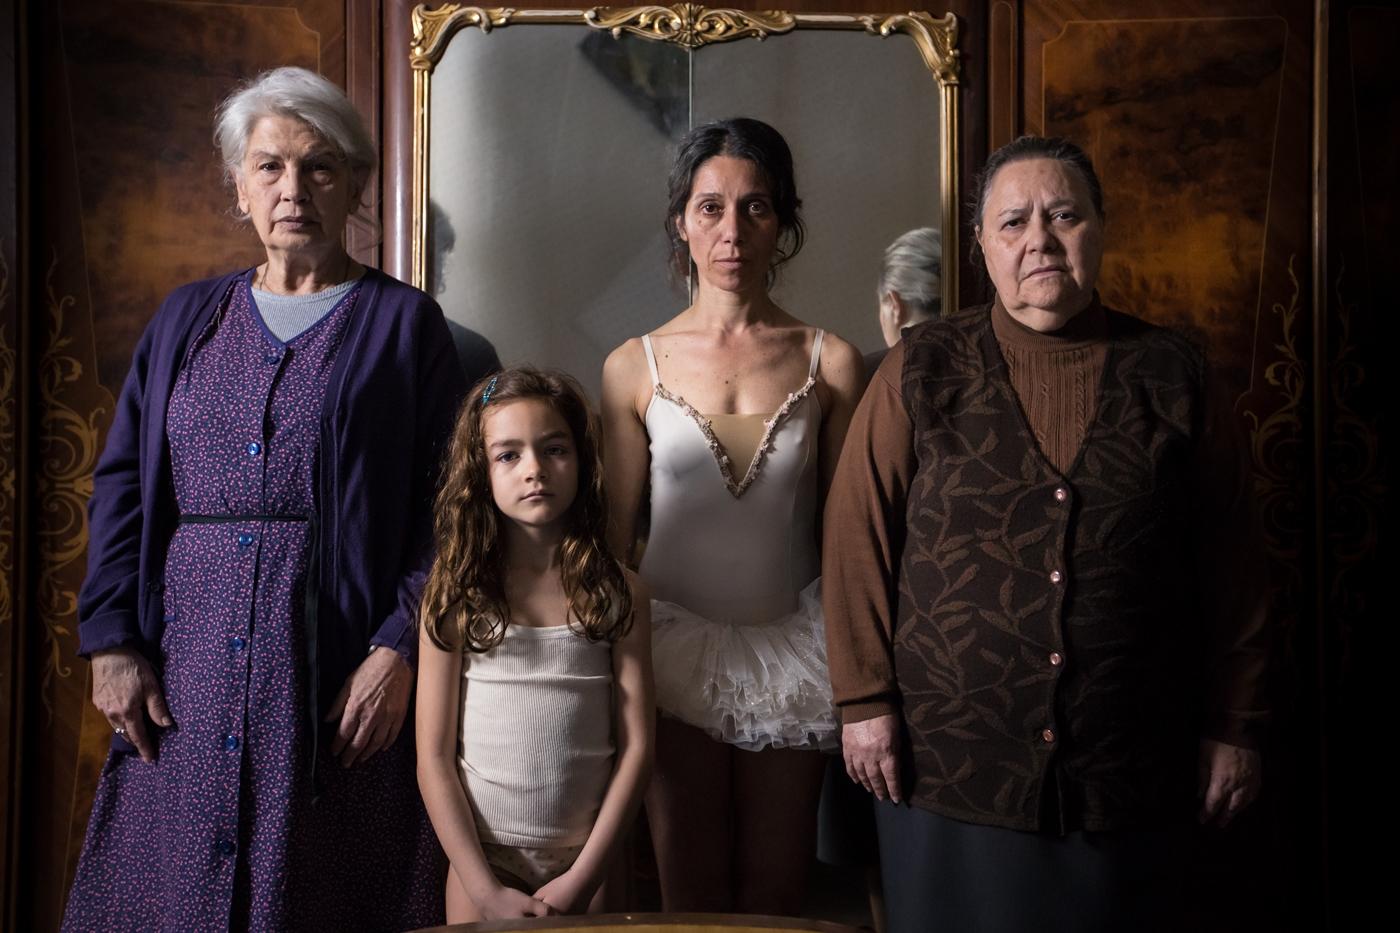 Le sorelle Macaluso (2020) di Emma Dante - Recensione | Quinlan.it